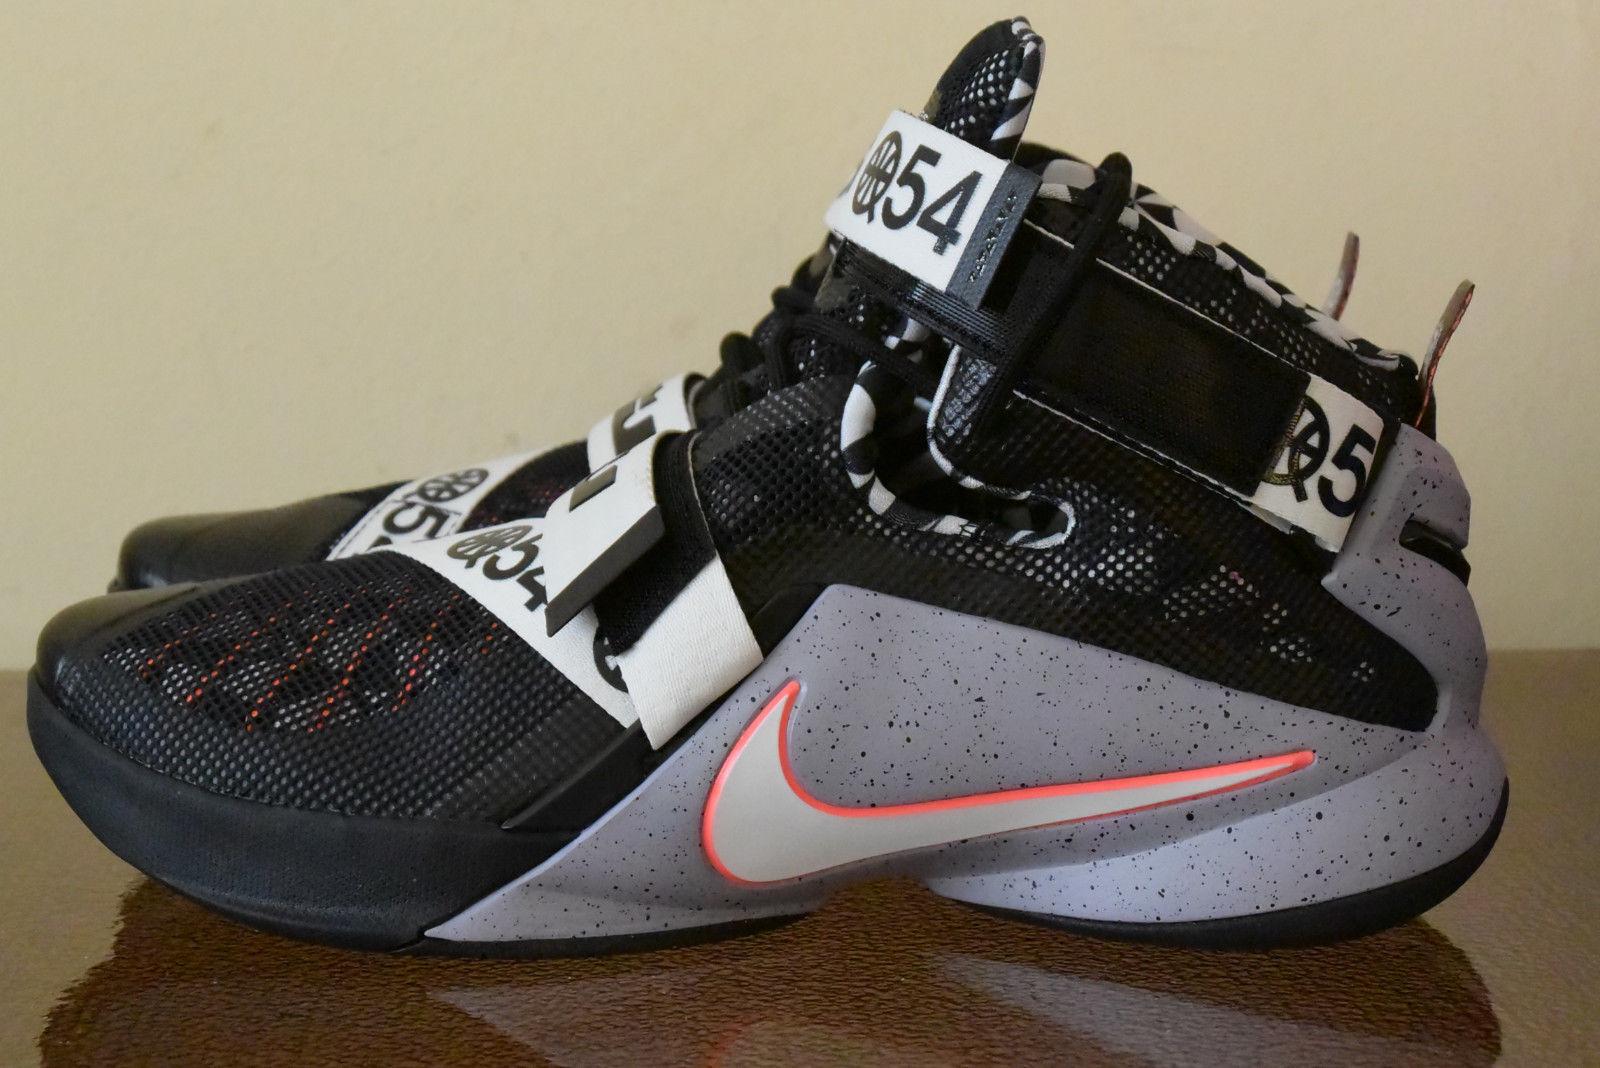 Nike Lebron Soldier IX LTD Quai 54 édition limitée 810803-015 Sz. 12